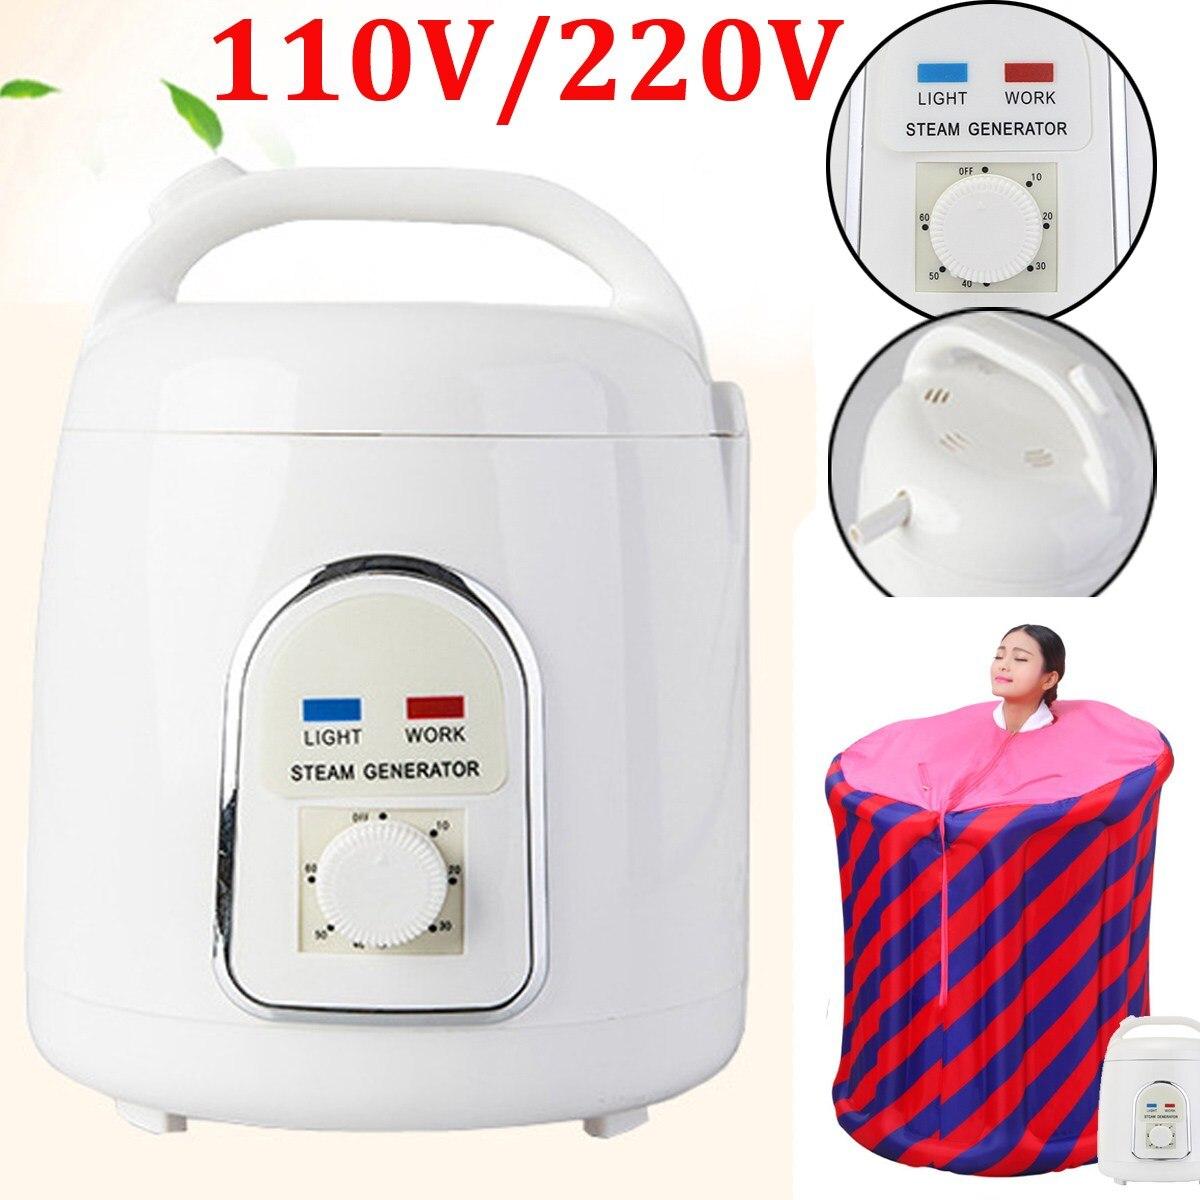 Домашний парогенератор емкость 1.8л паровой горшок спа для портативной паровой сауны спа расслабляет усталость|pot|pot steamer  | АлиЭкспресс